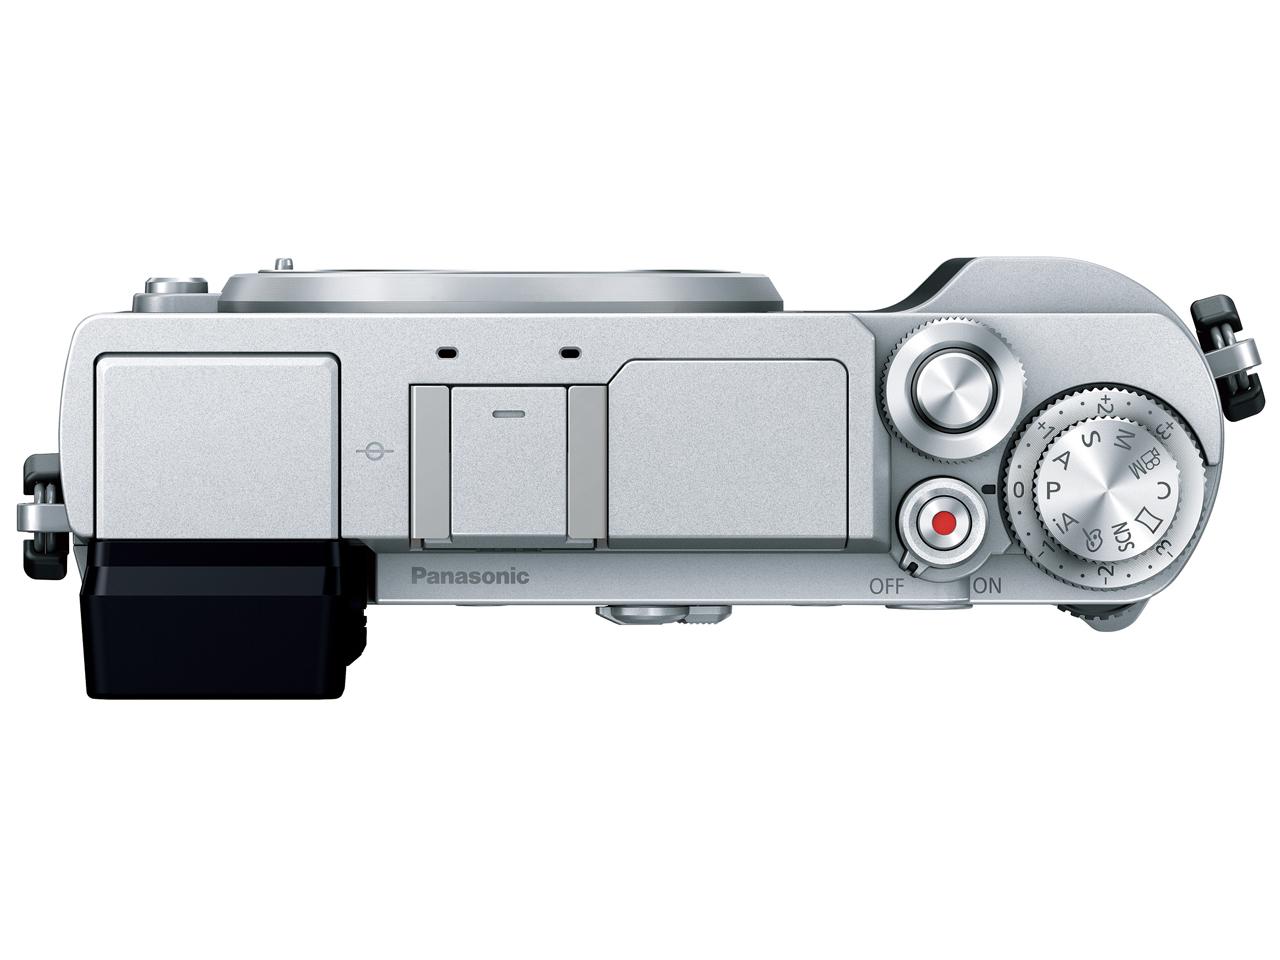 『本体 上面』 LUMIX DC-GX7MK3-S ボディ [シルバー] の製品画像